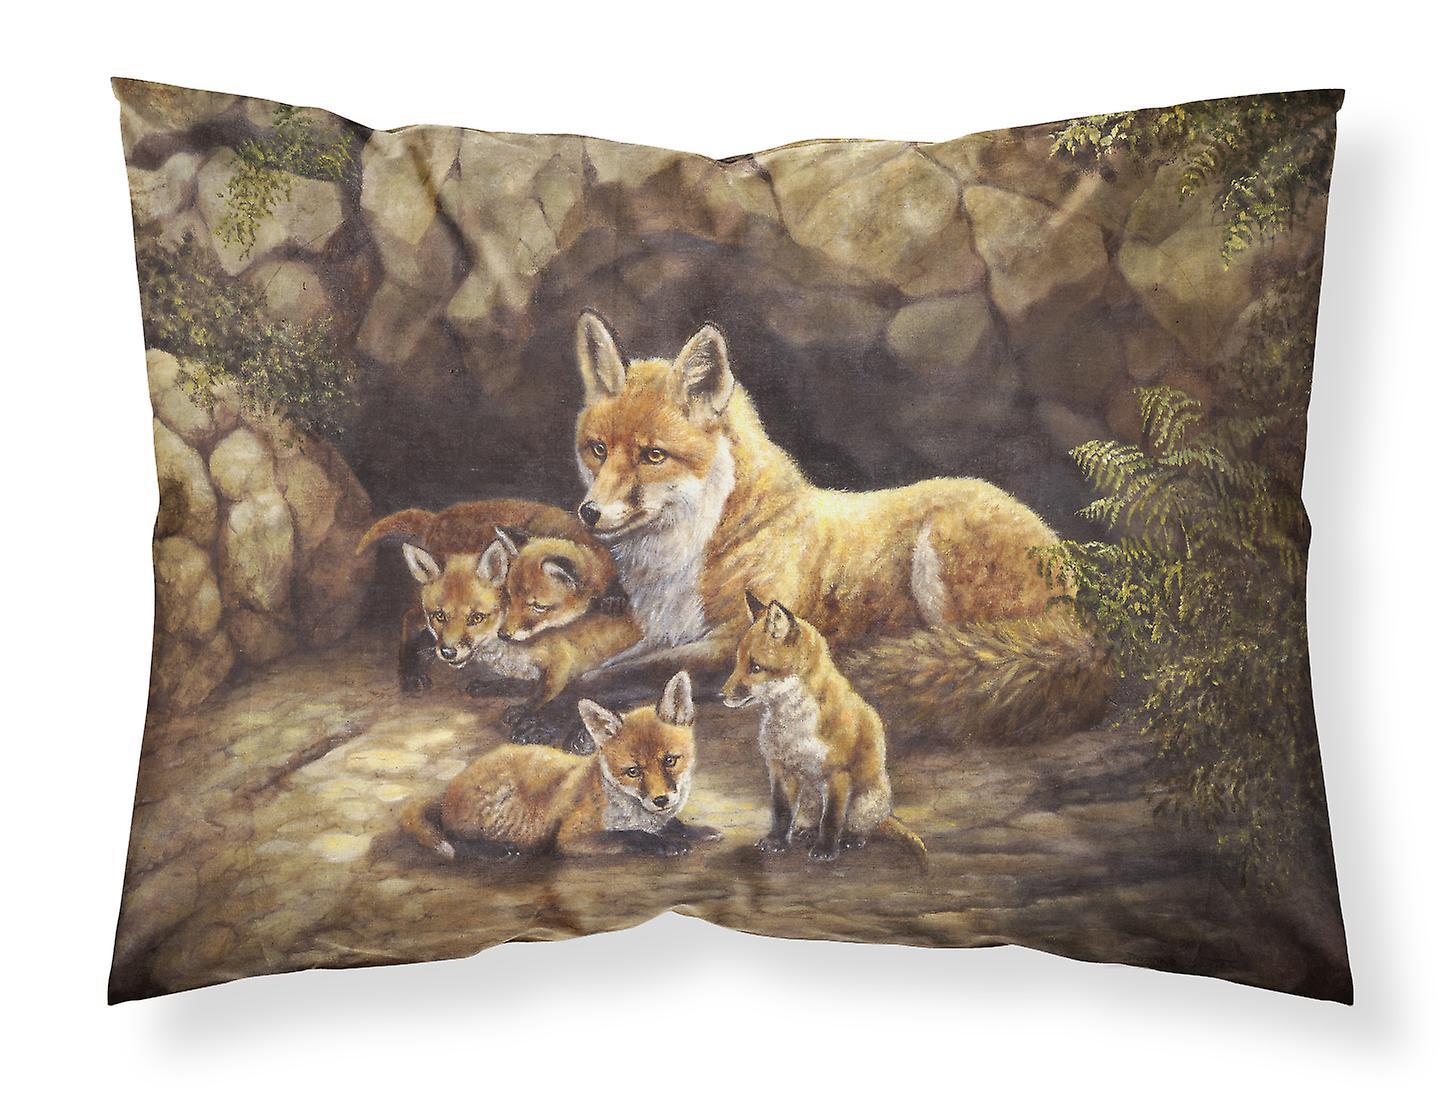 Tissu De Taie Famille D'oreiller Fox Standard Du Renards La Den rCodexBW